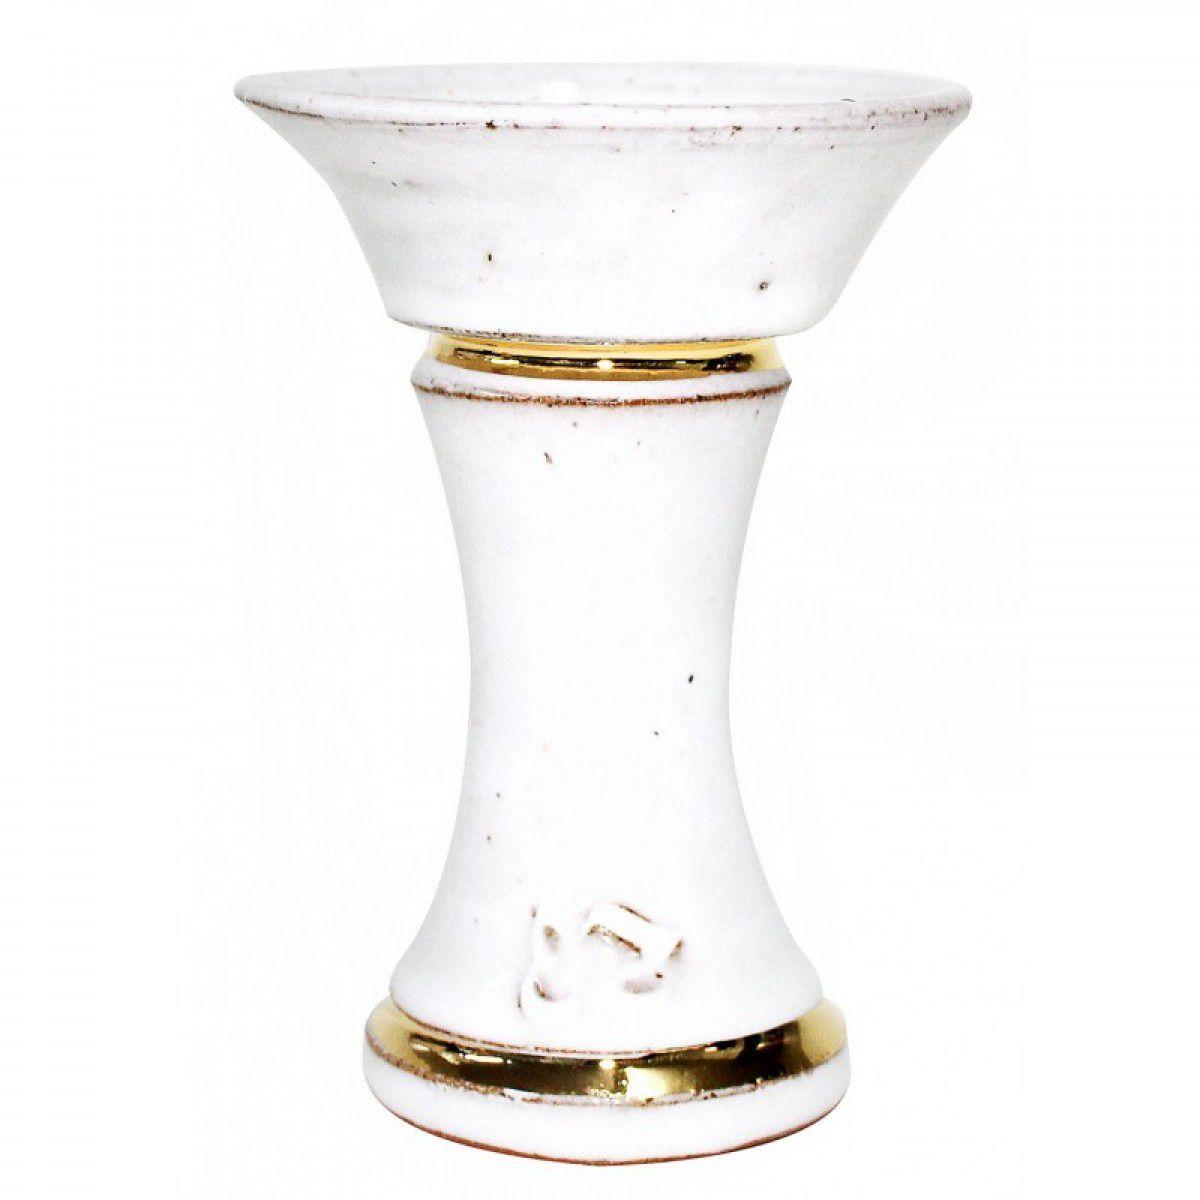 Fornilho/Rosh EZ Bowl Acid Gold com LISTRAS DOURADAS em cerâmica refratária. 10cm altura, 7,4cm diâmetro.